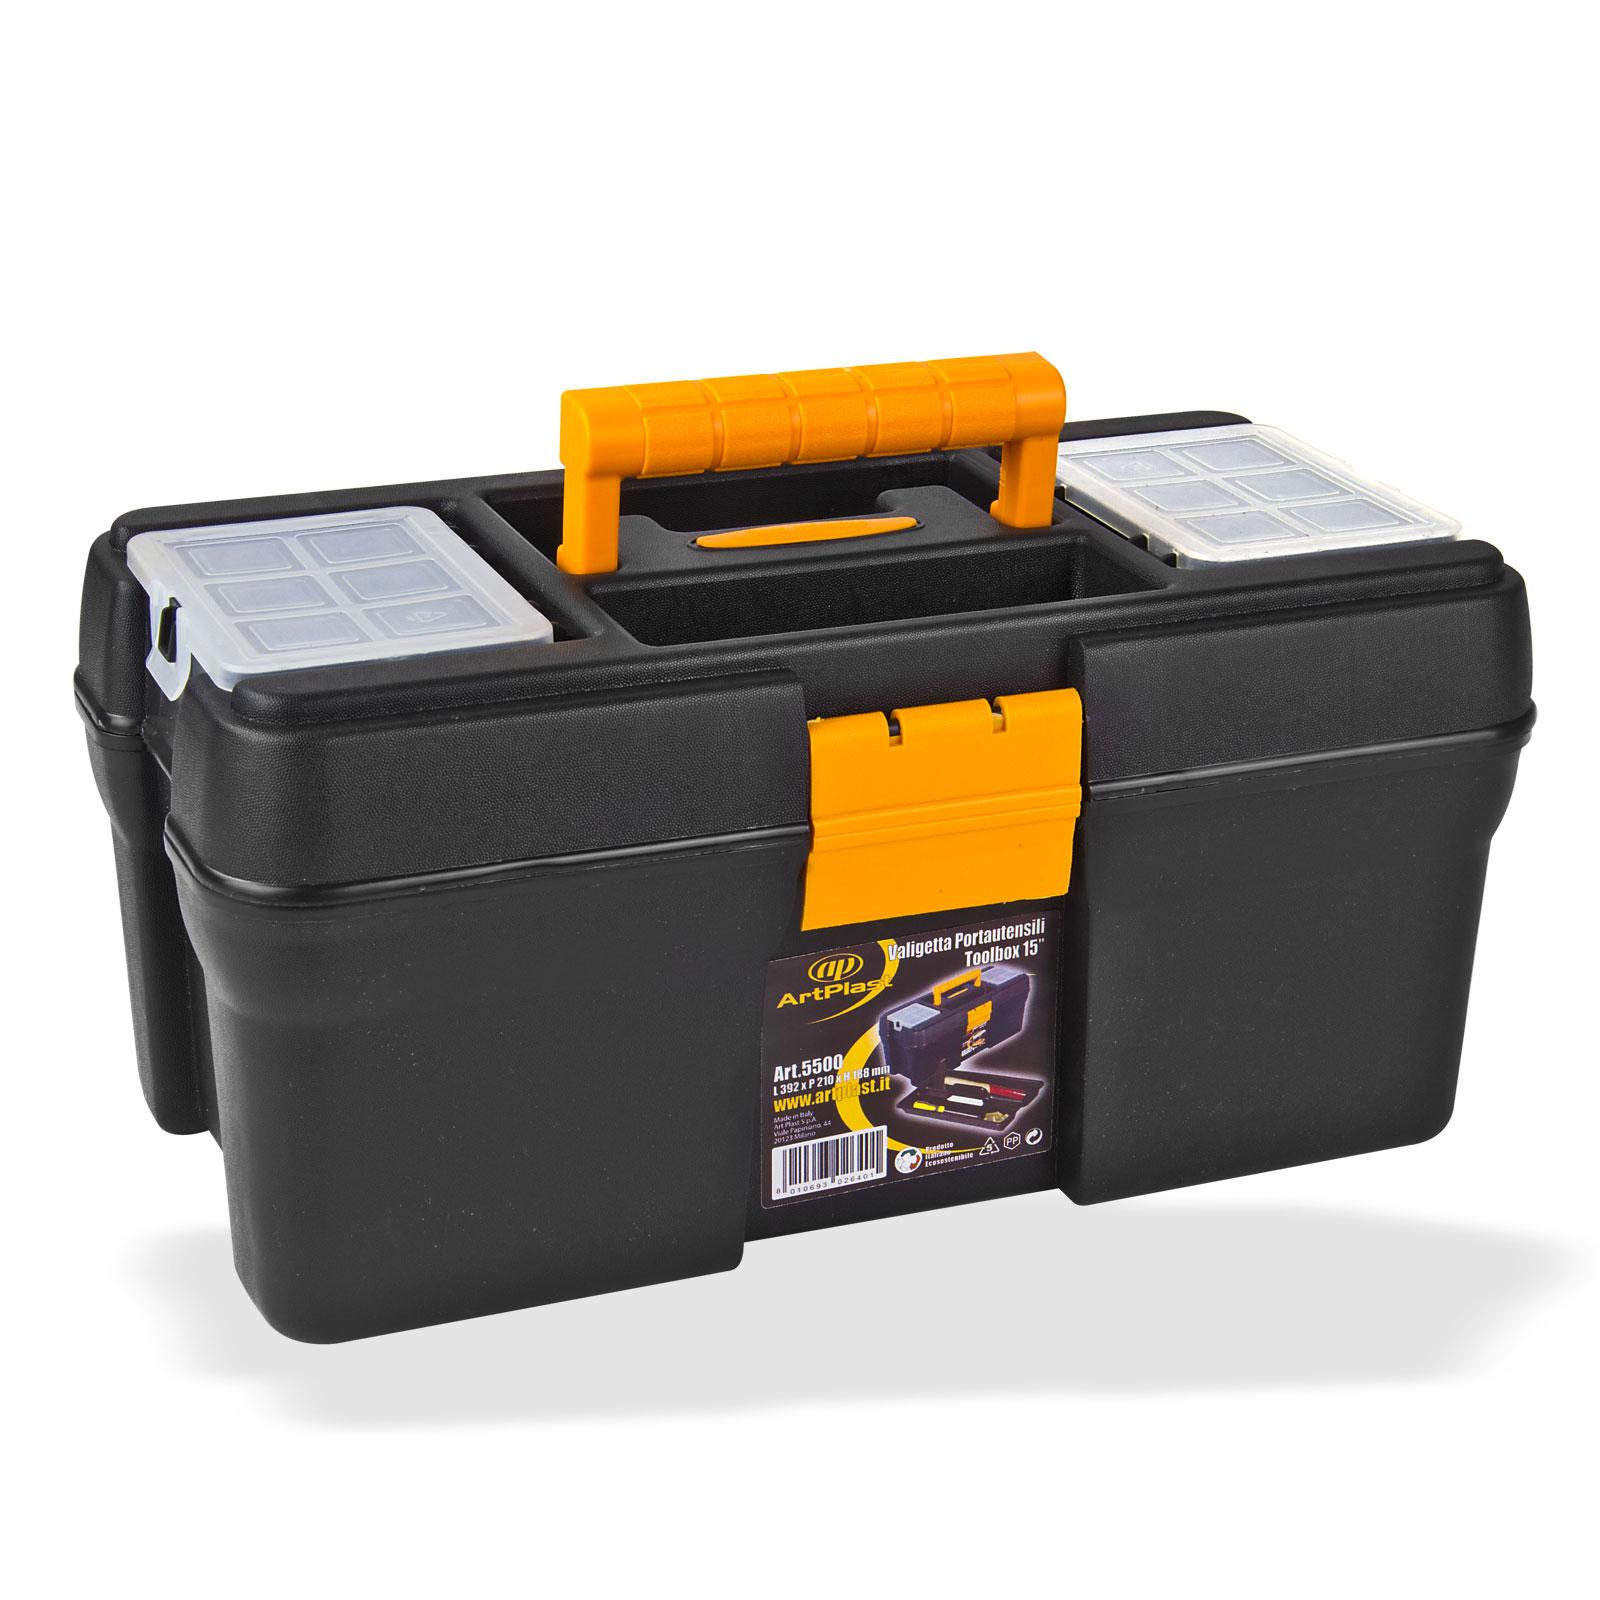 Dema Kunststoff Werkzeugkoffer / Werkzeugkiste mit Werkzeugträger 15045